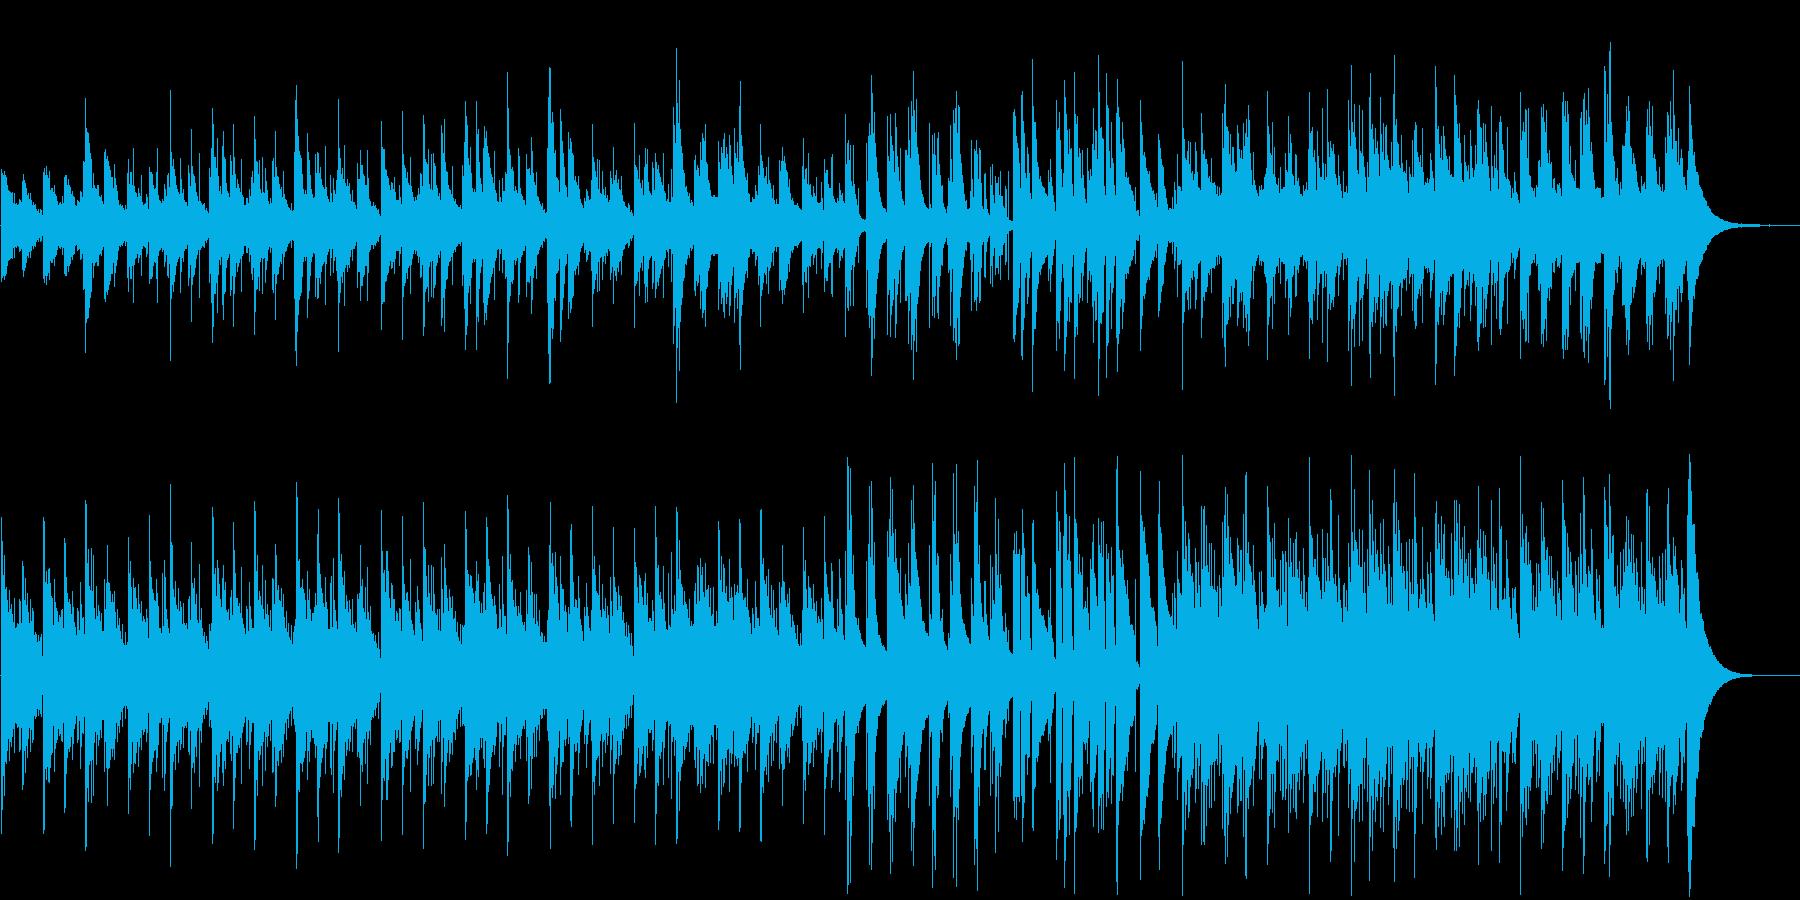 クラシックギターとピアノによる穏やかな曲の再生済みの波形